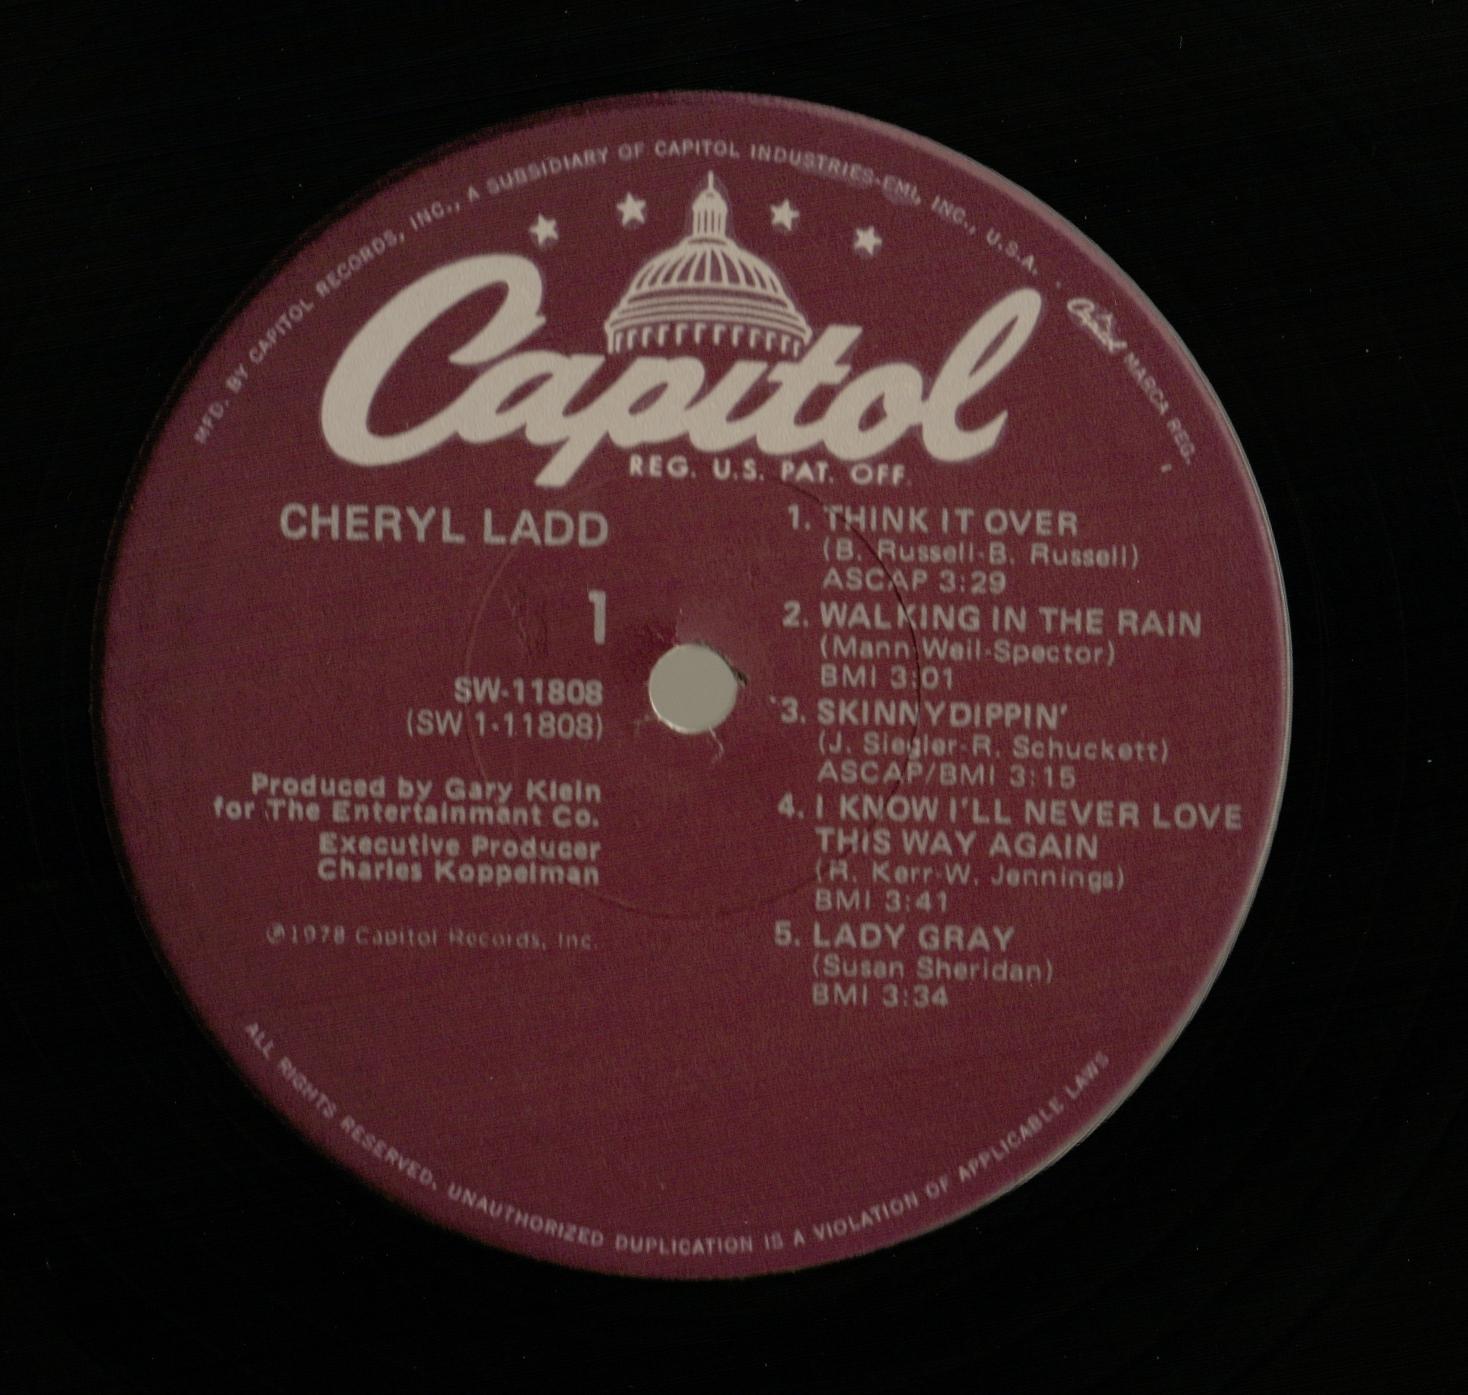 http://2.bp.blogspot.com/-h-MlyCpqWh8/TewJj_X2MEI/AAAAAAAAApw/ab2qnecVnPg/s1600/Cheryl+Ladd+-+Chery+Ladd+-+Side+A.jpg